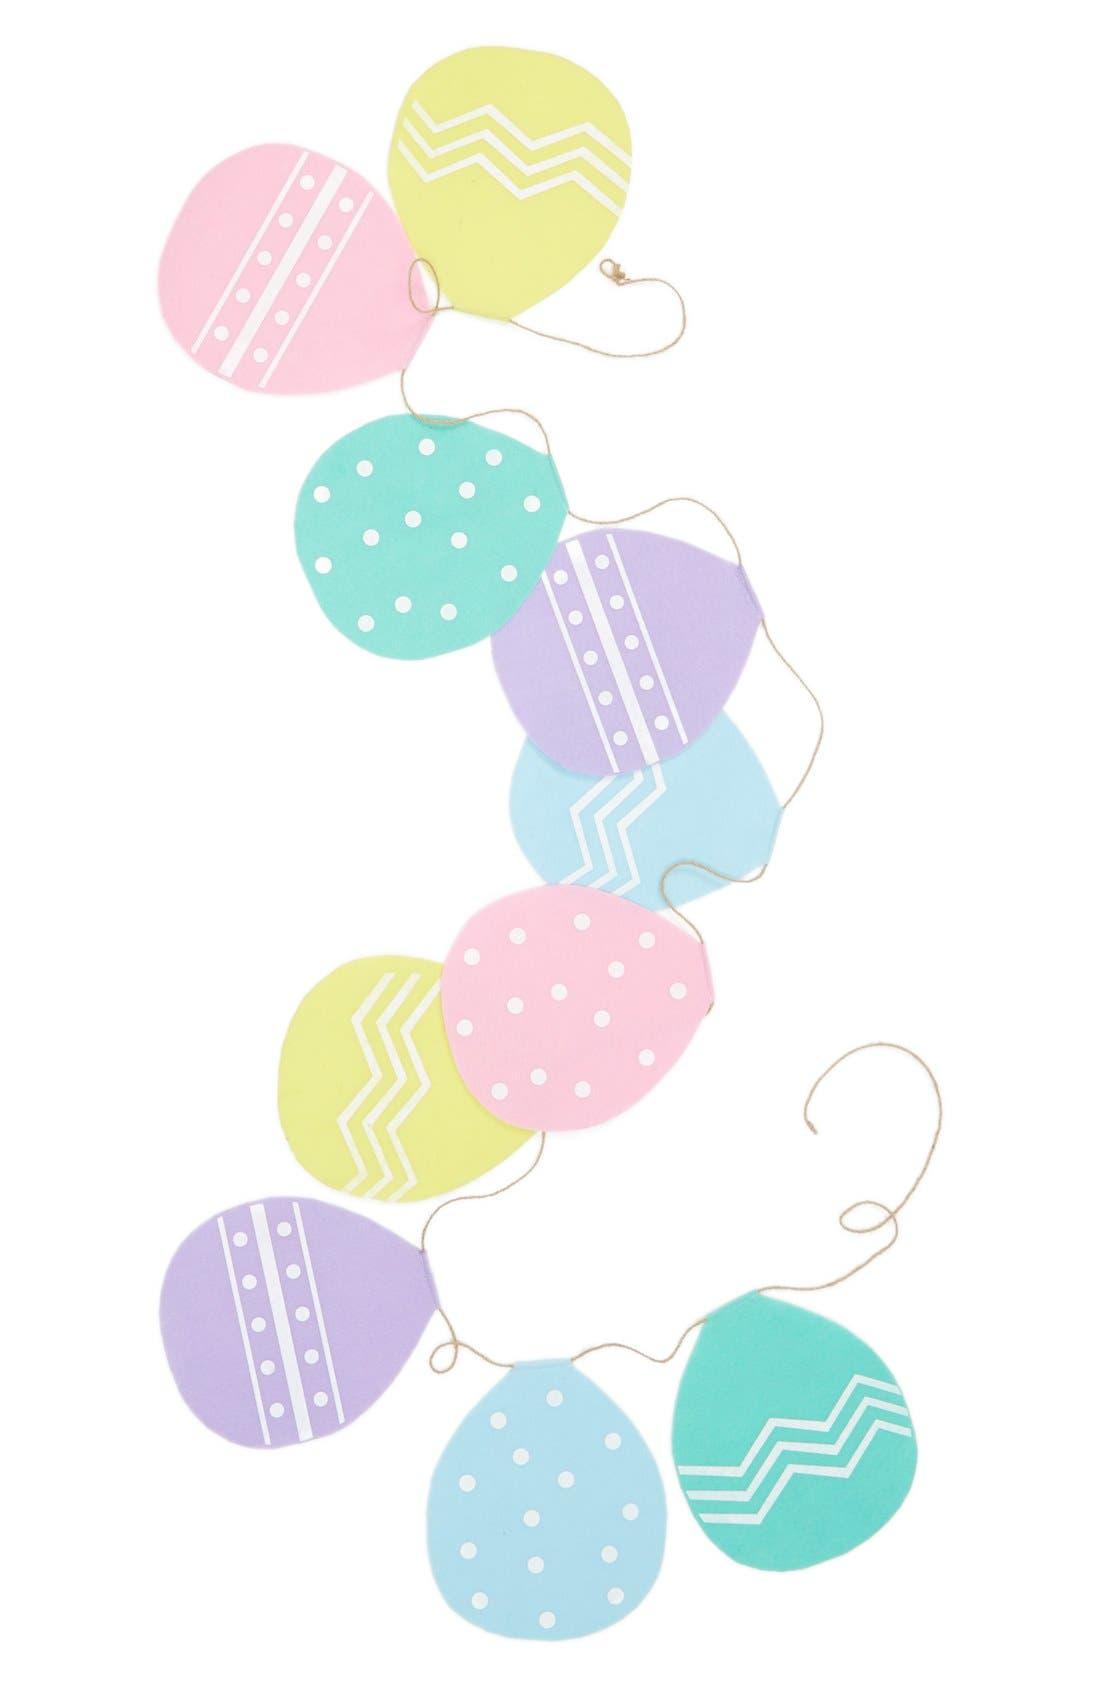 Alternate Image 1 Selected - Levtex 'Easter Egg' Felt Banner